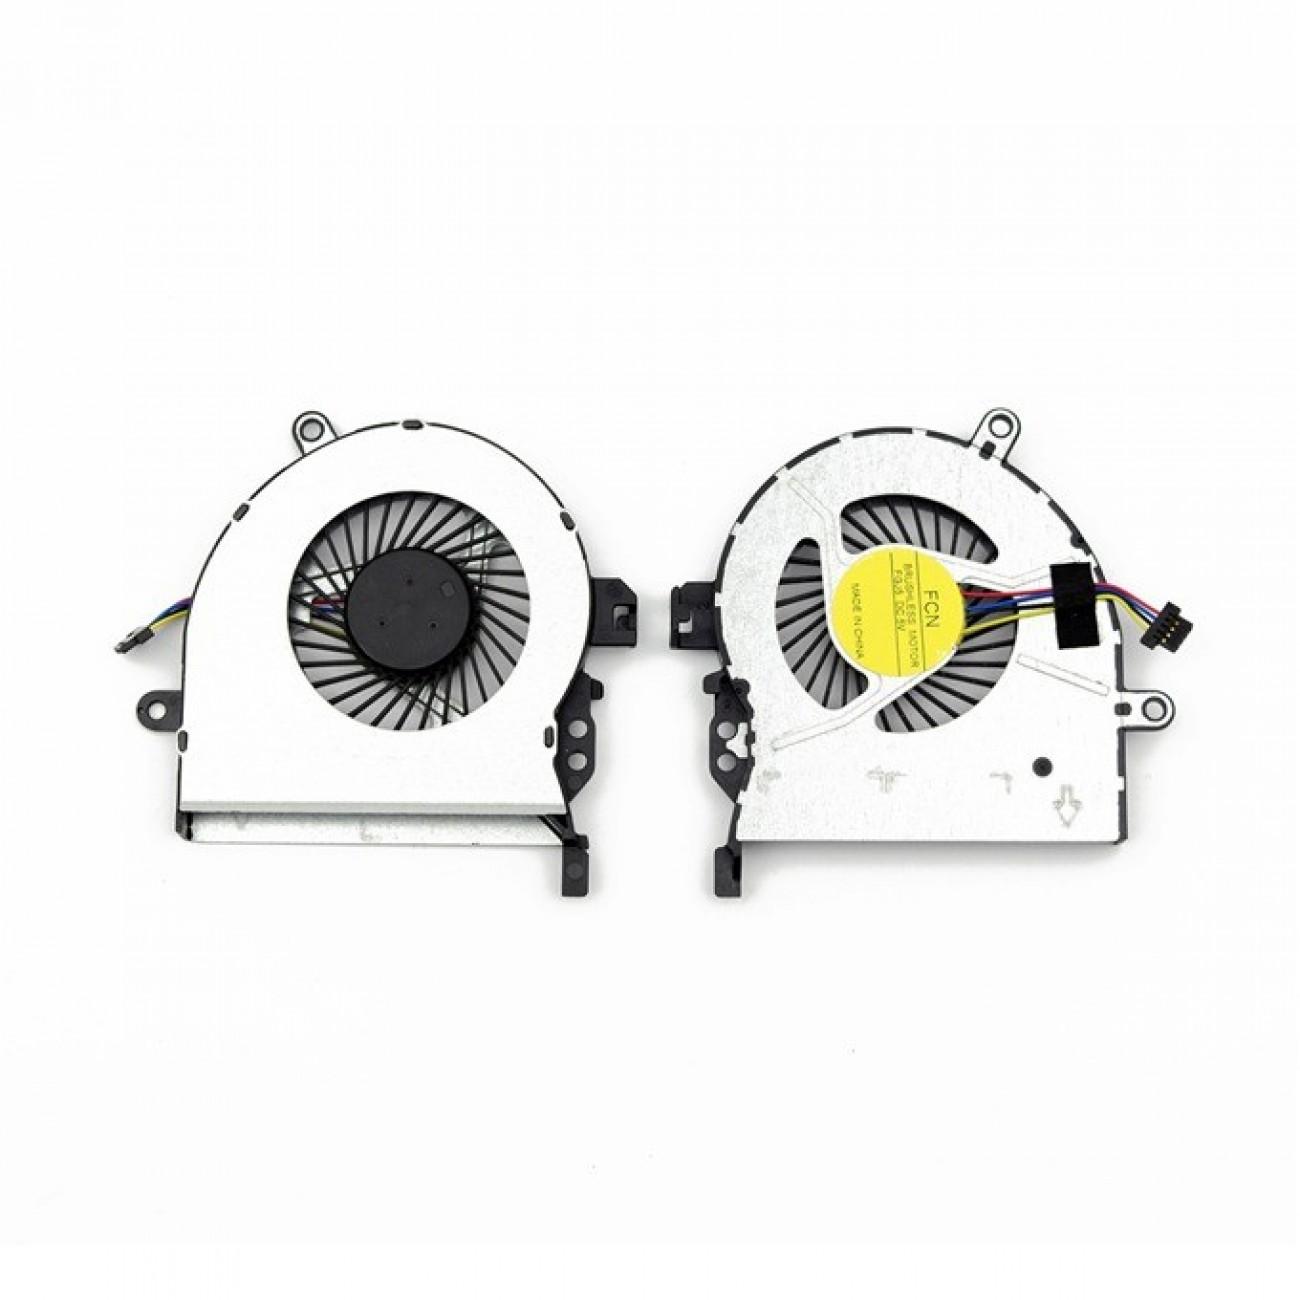 Вентилатор за лаптоп HP 450G3 450 G3 в Резервни части -  | Alleop